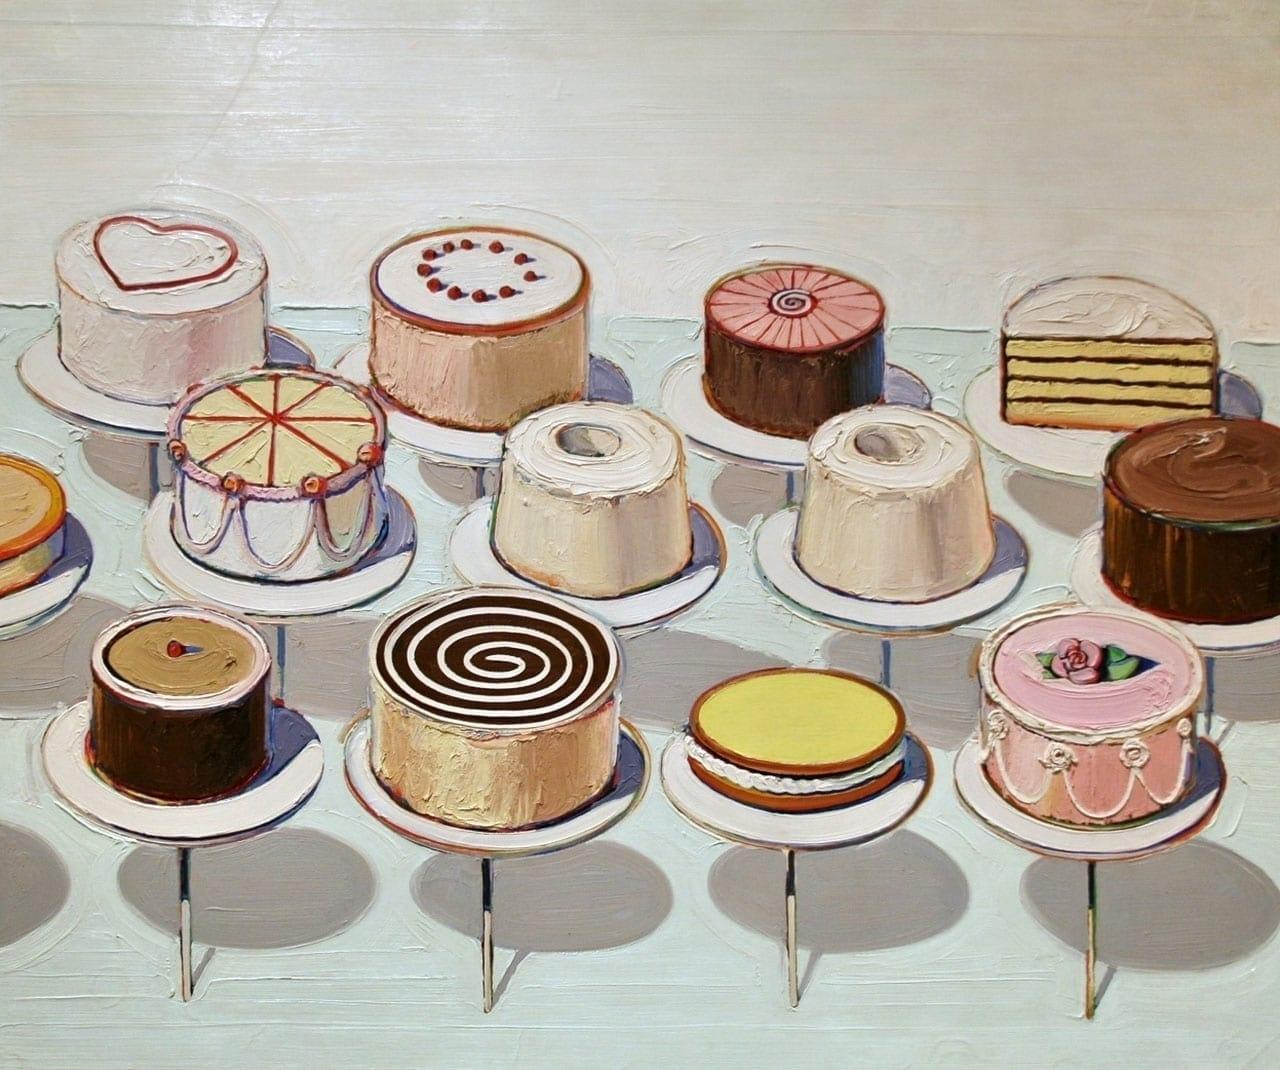 Wayne Thiebaud, Cakes, 1963. Image: via Wikimedia Commons